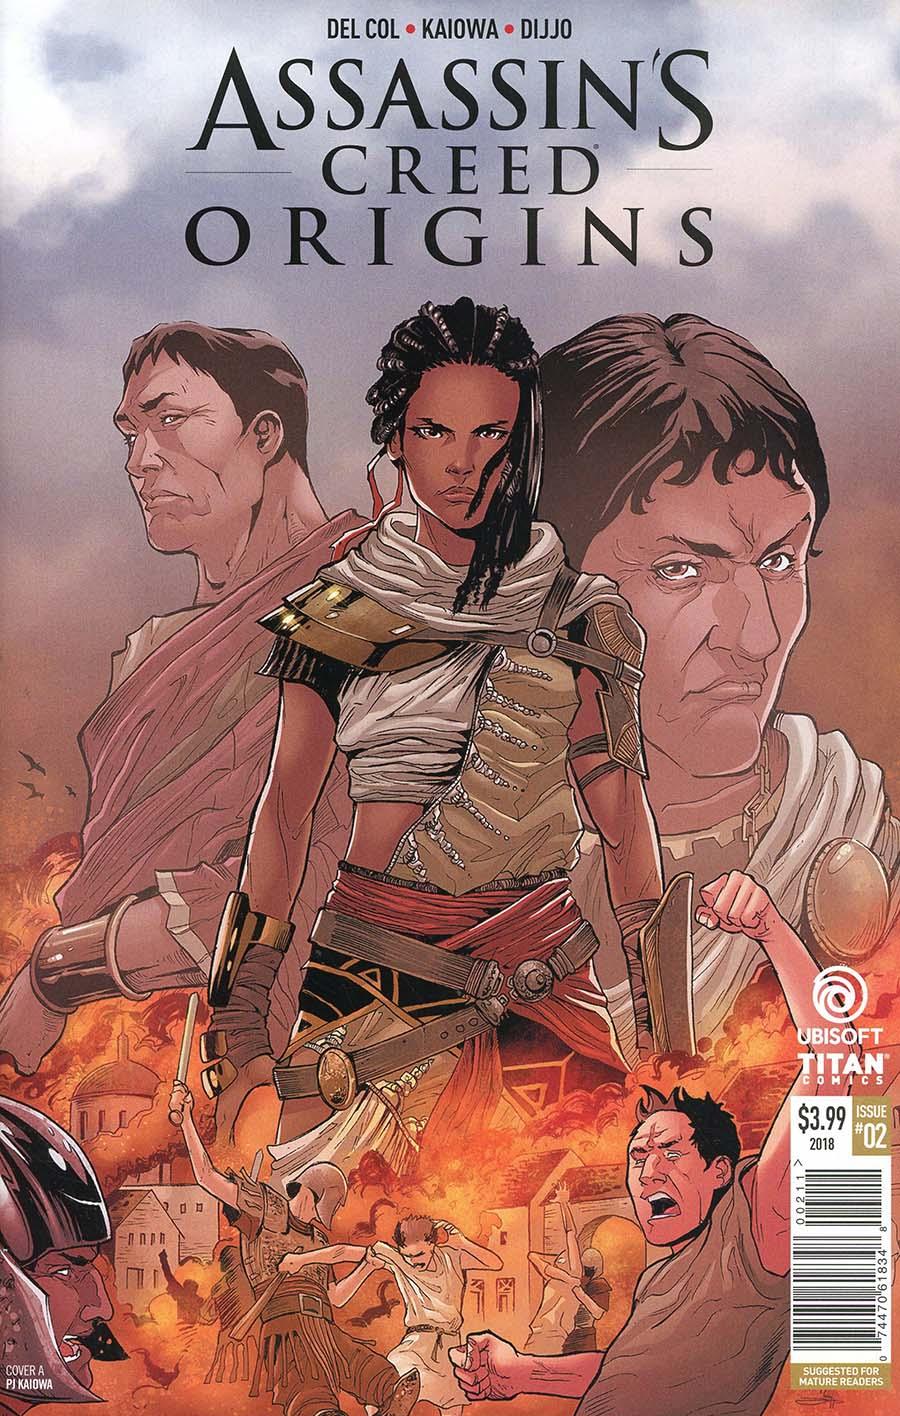 Assassins Creed Origins #2 Cover A Regular PJ Kaiowa Cover